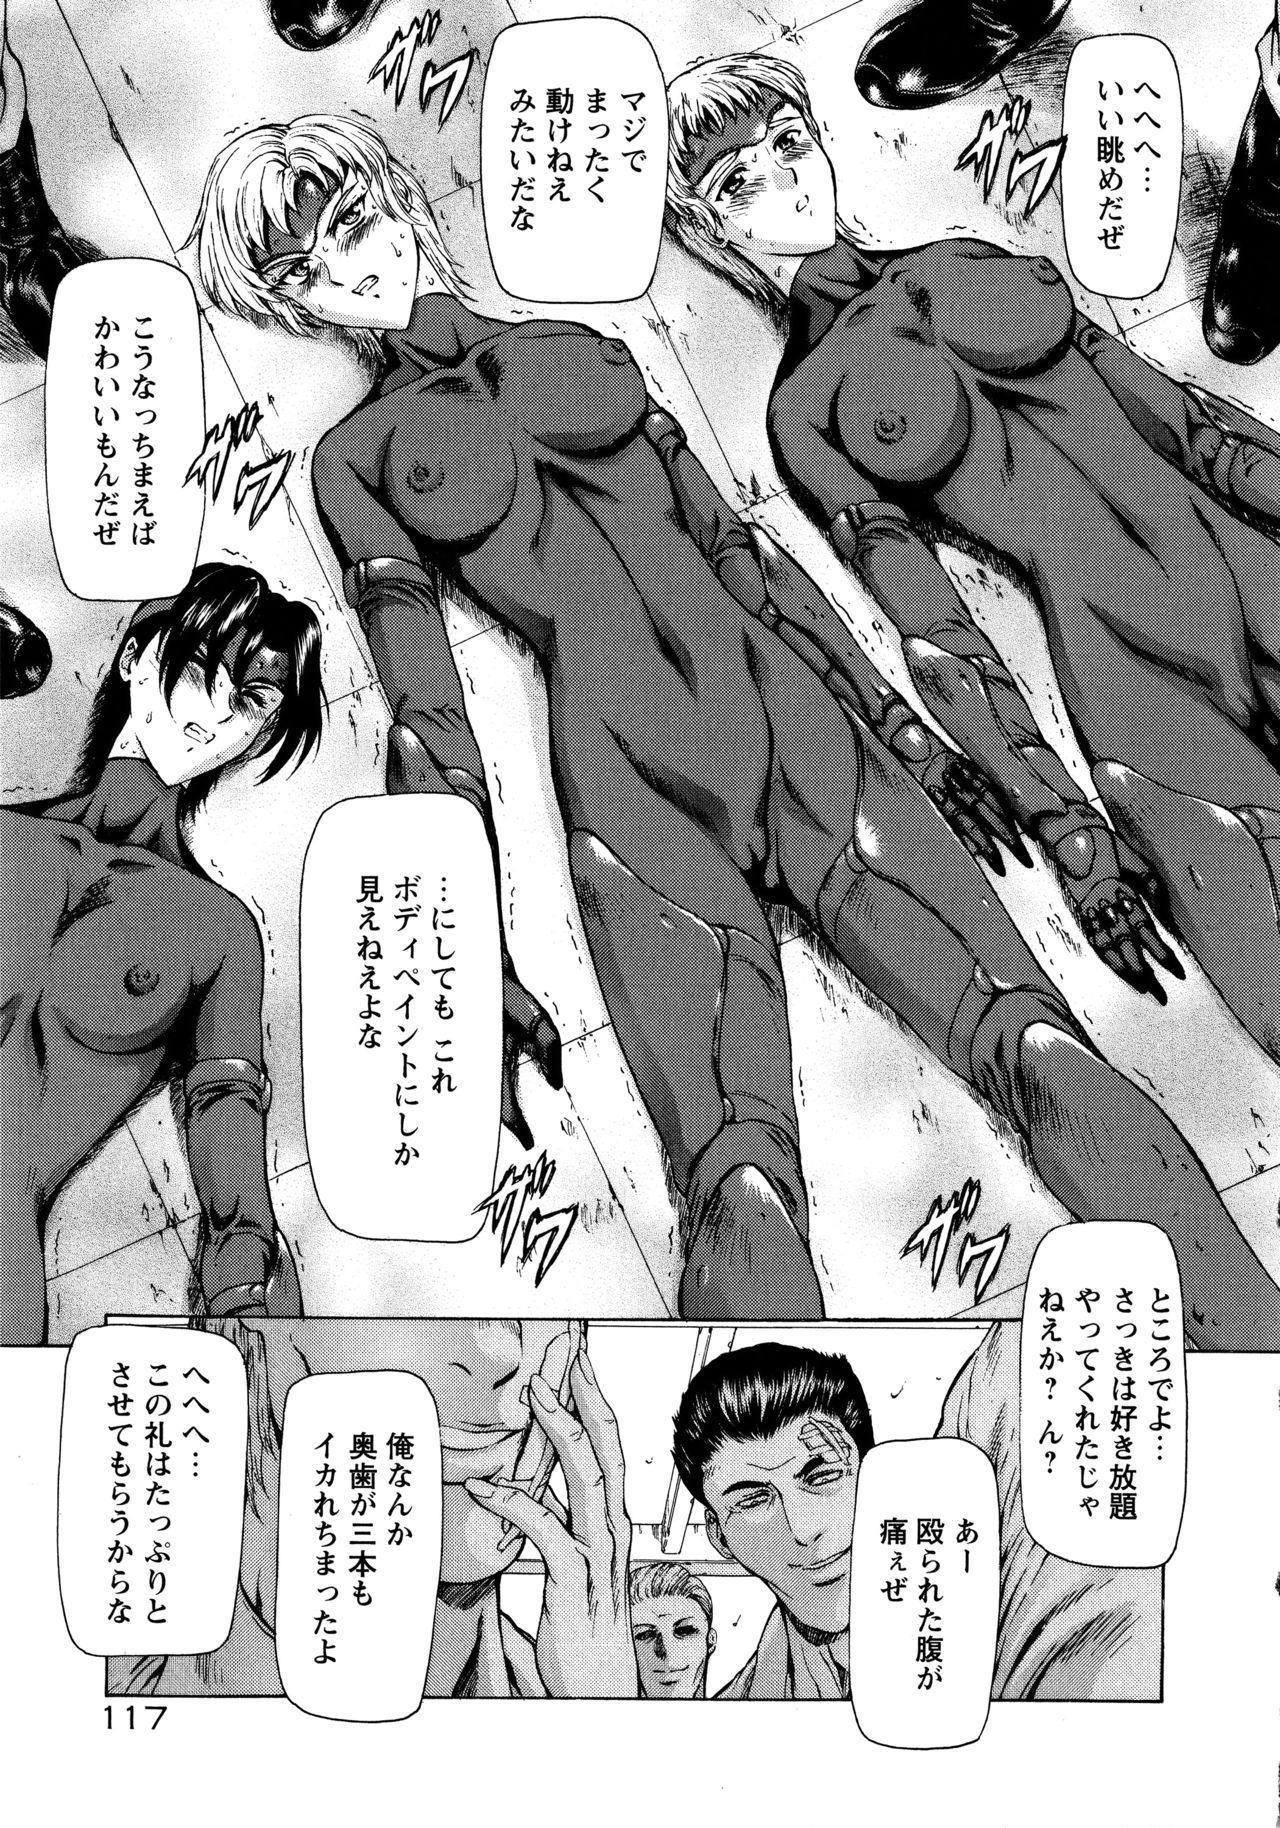 Ginryuu no Reimei Vol. 1 124